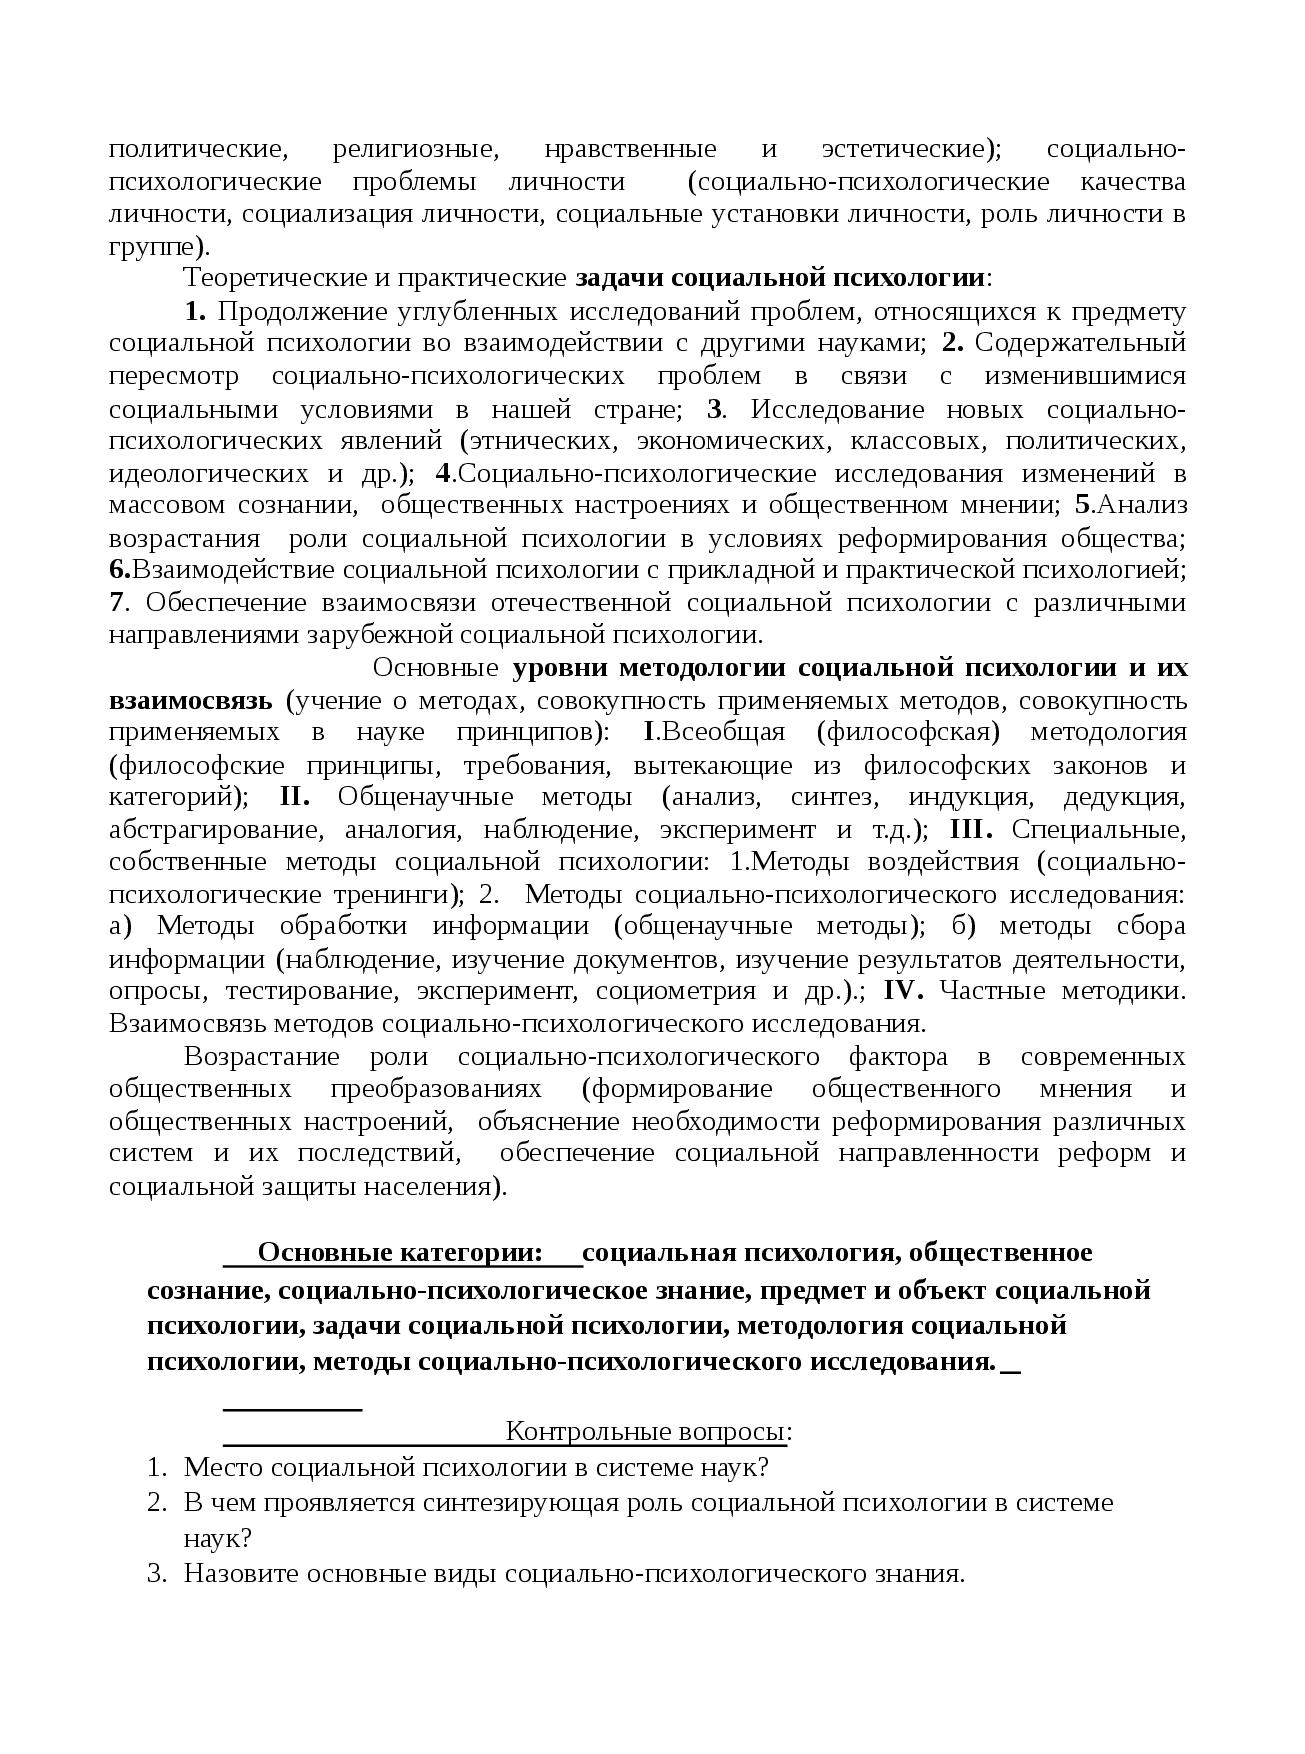 Техники внушения | обучение гипнозу - лаборатория суггестивной лингв